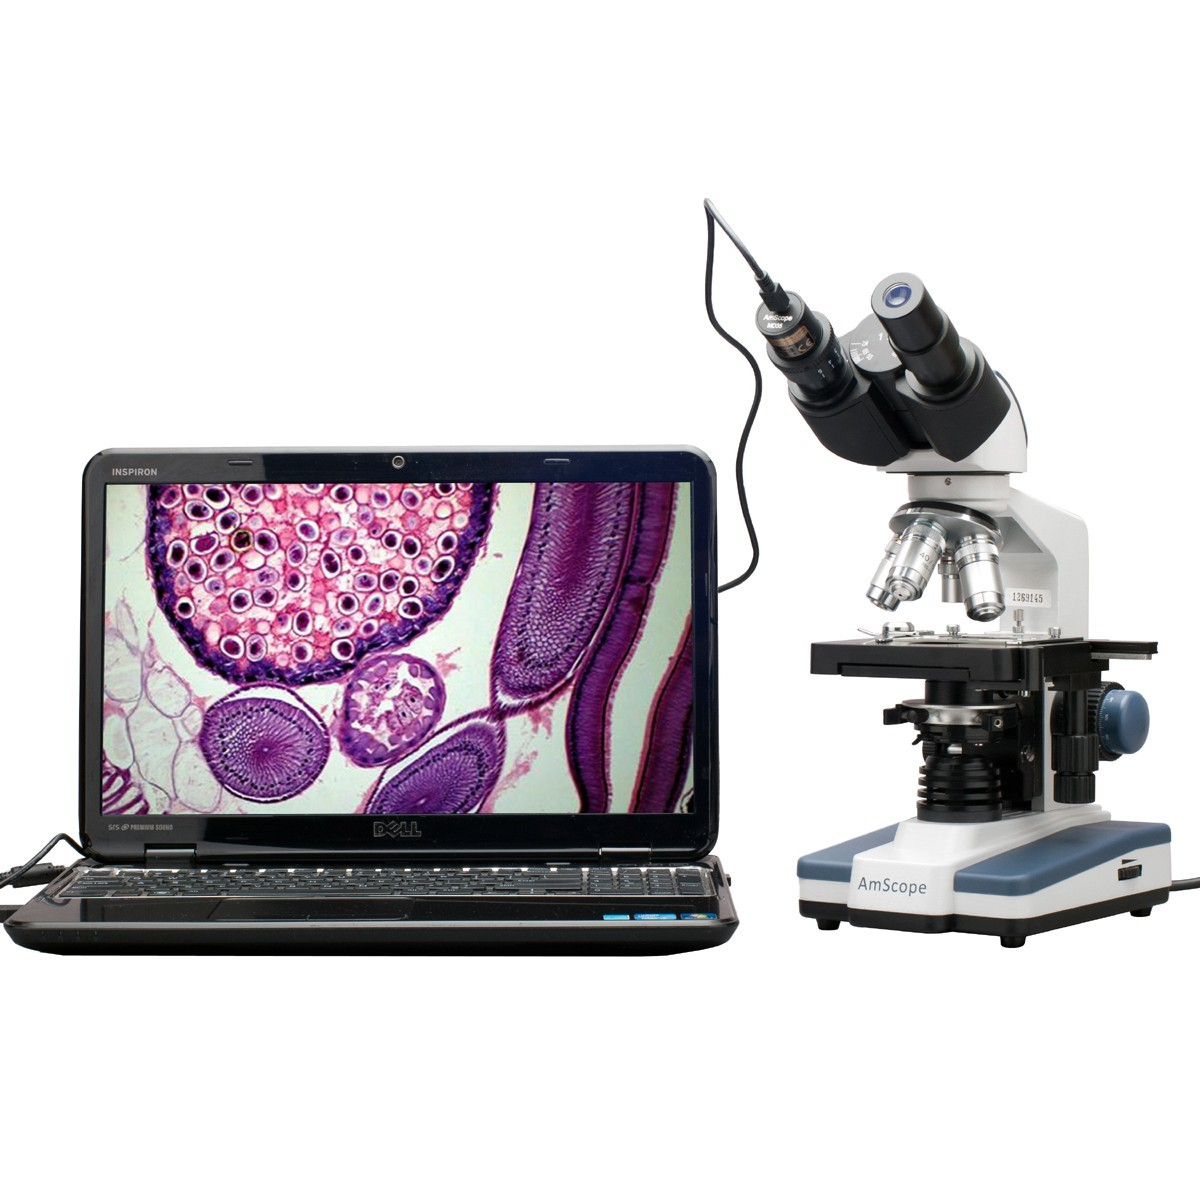 Mikroskop Senyawa Binokuler Digital LED – AmScope